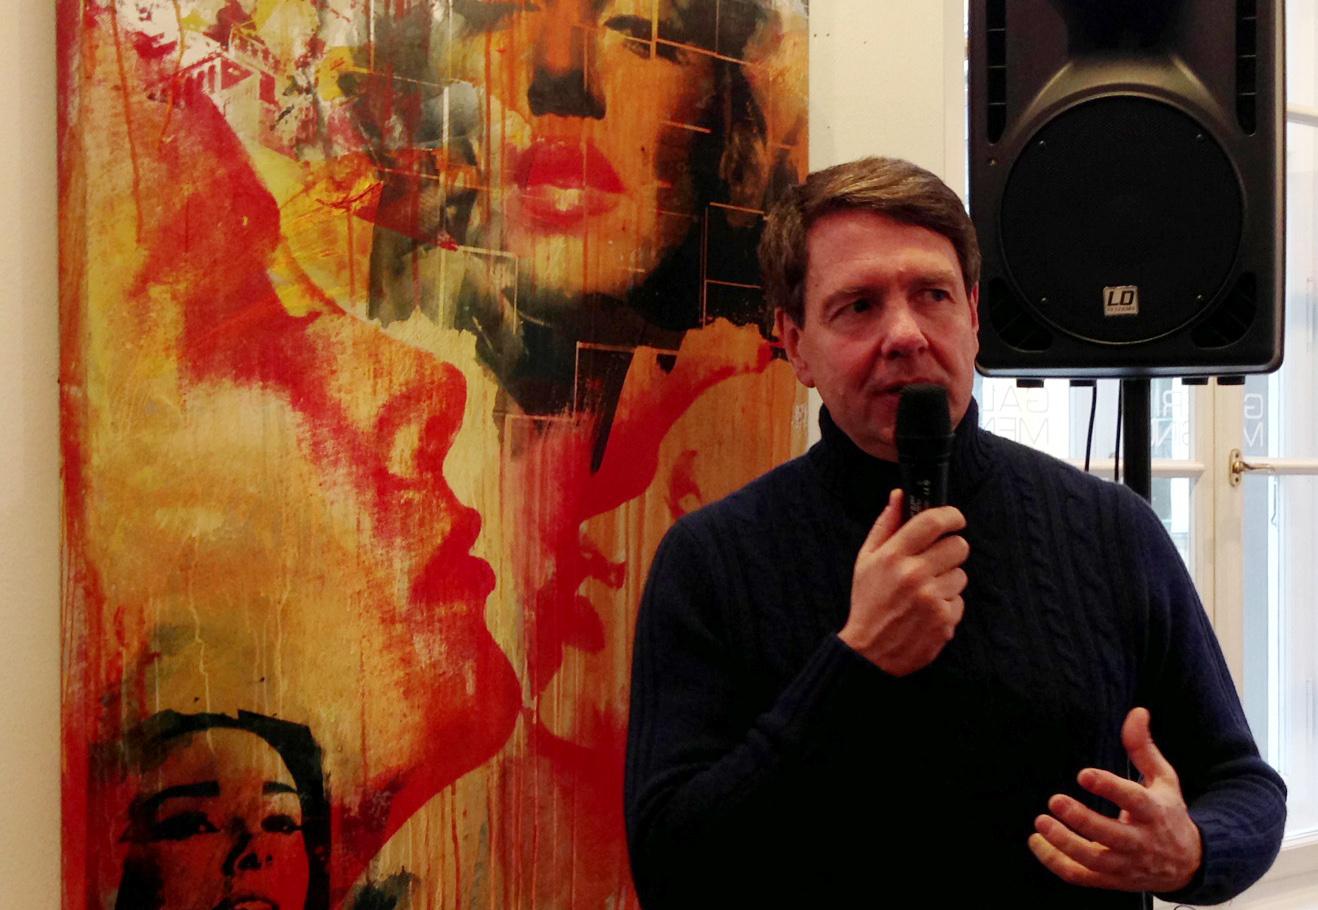 Mensing Galerie kunstjahr 2013 galerie mensing eröffnet mit duo guldenstern und